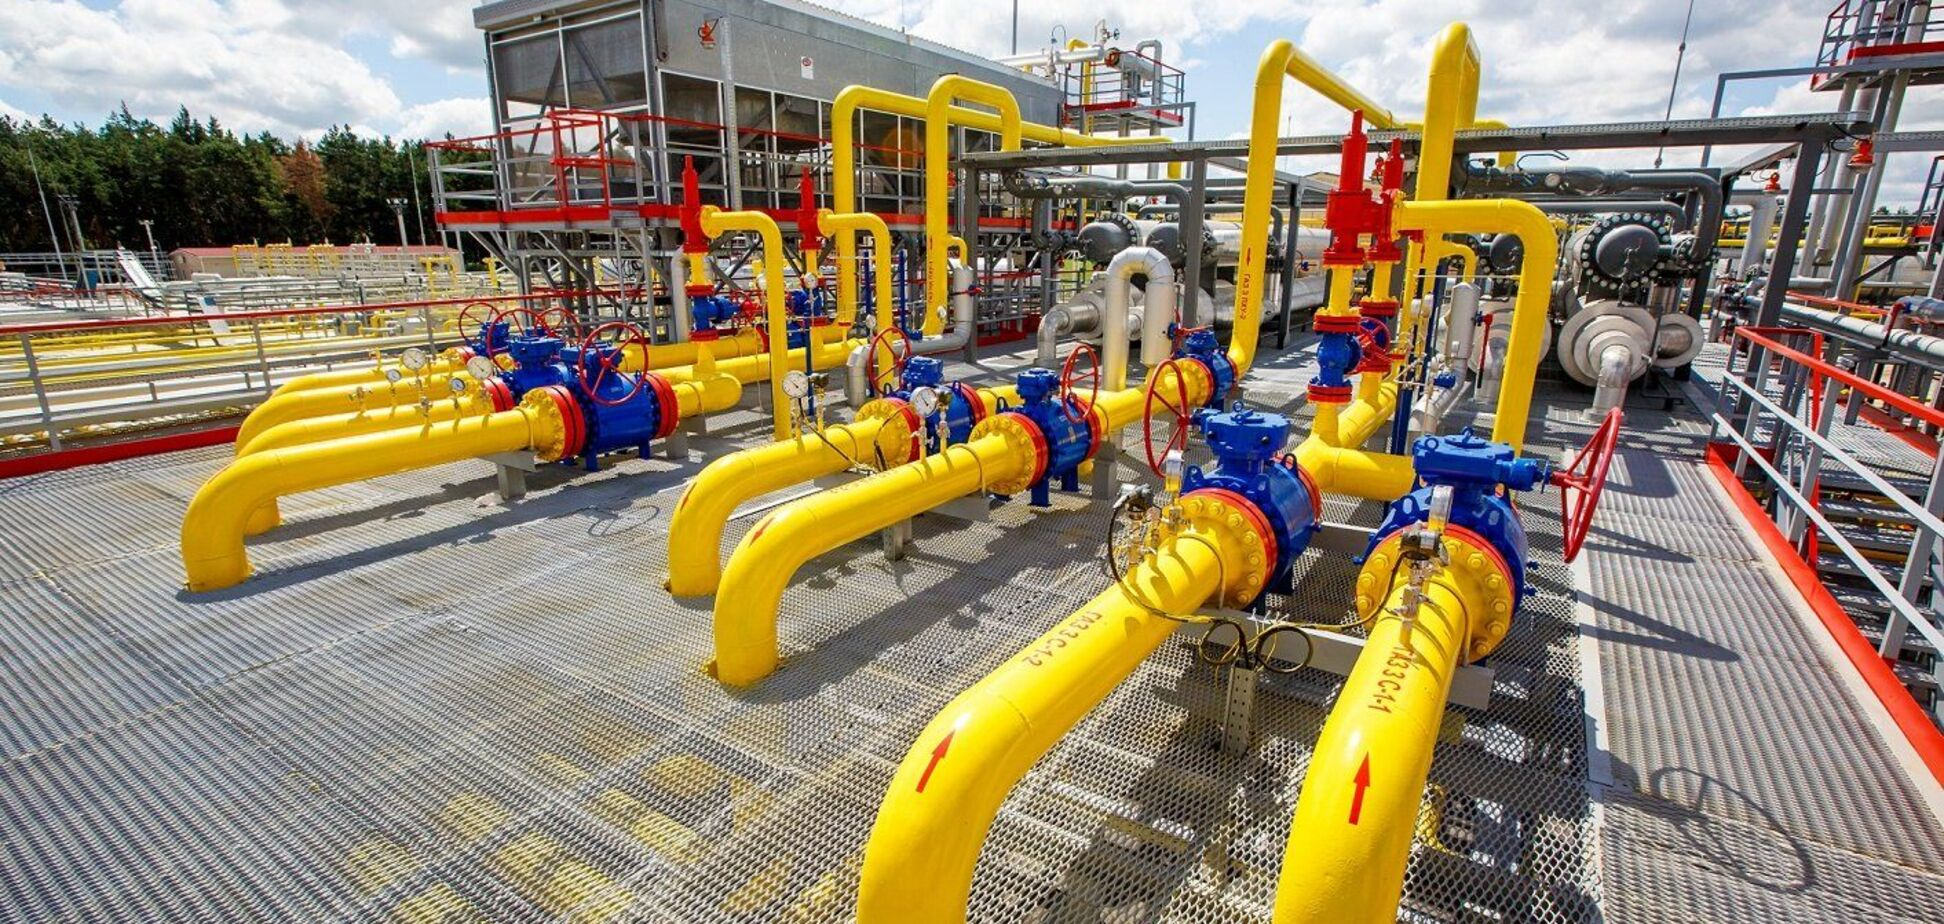 АГКУ закликала припинити втручання в роботу Smart Energy